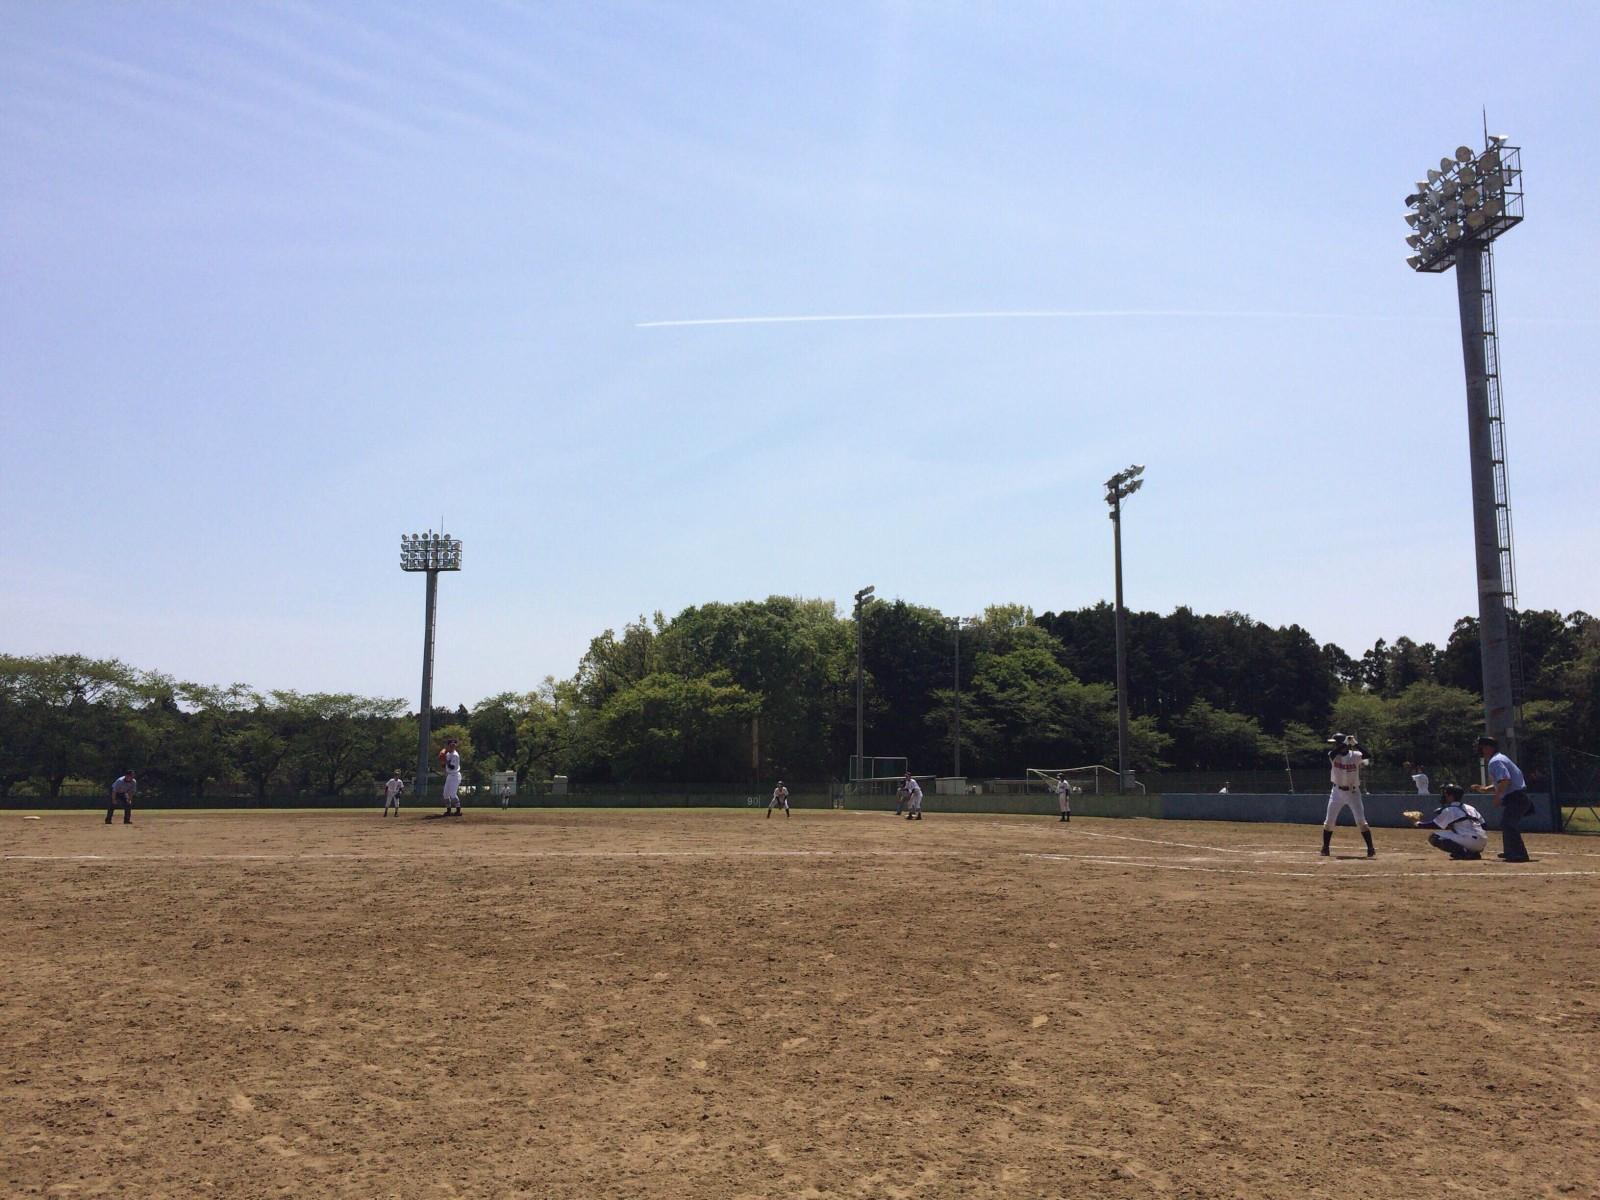 2016.04.30 第20回土浦中央ロータリークラブ旗争奪リトルシニア野球大会 水戸リトルシニア戦